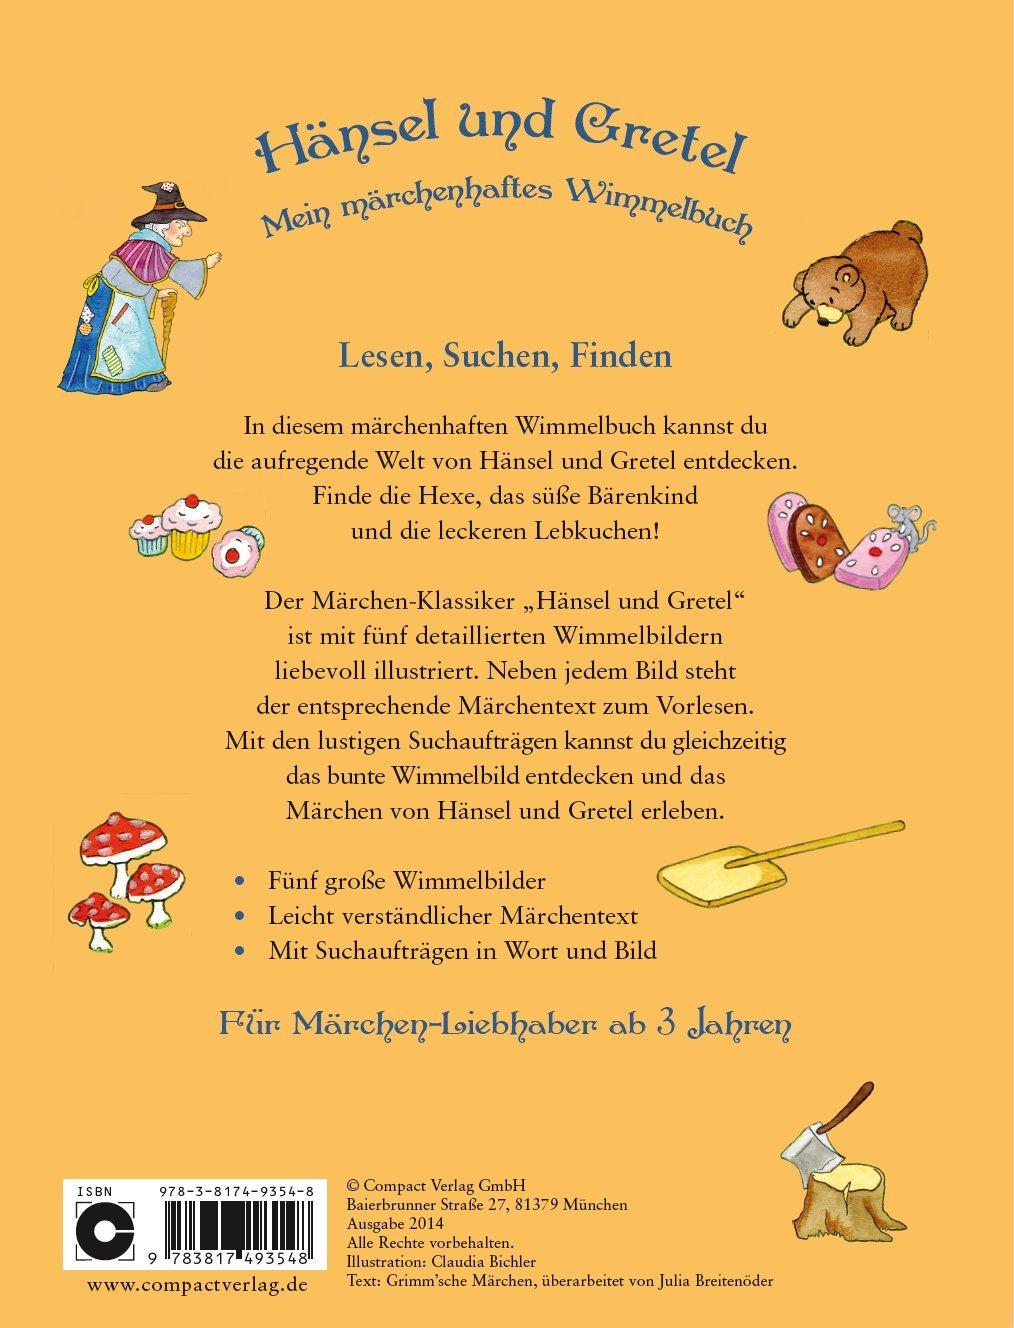 Lieblings Hänsel und Gretel - Mein märchenhaftes Wimmelbuch: Wimmelbuch #PS_97